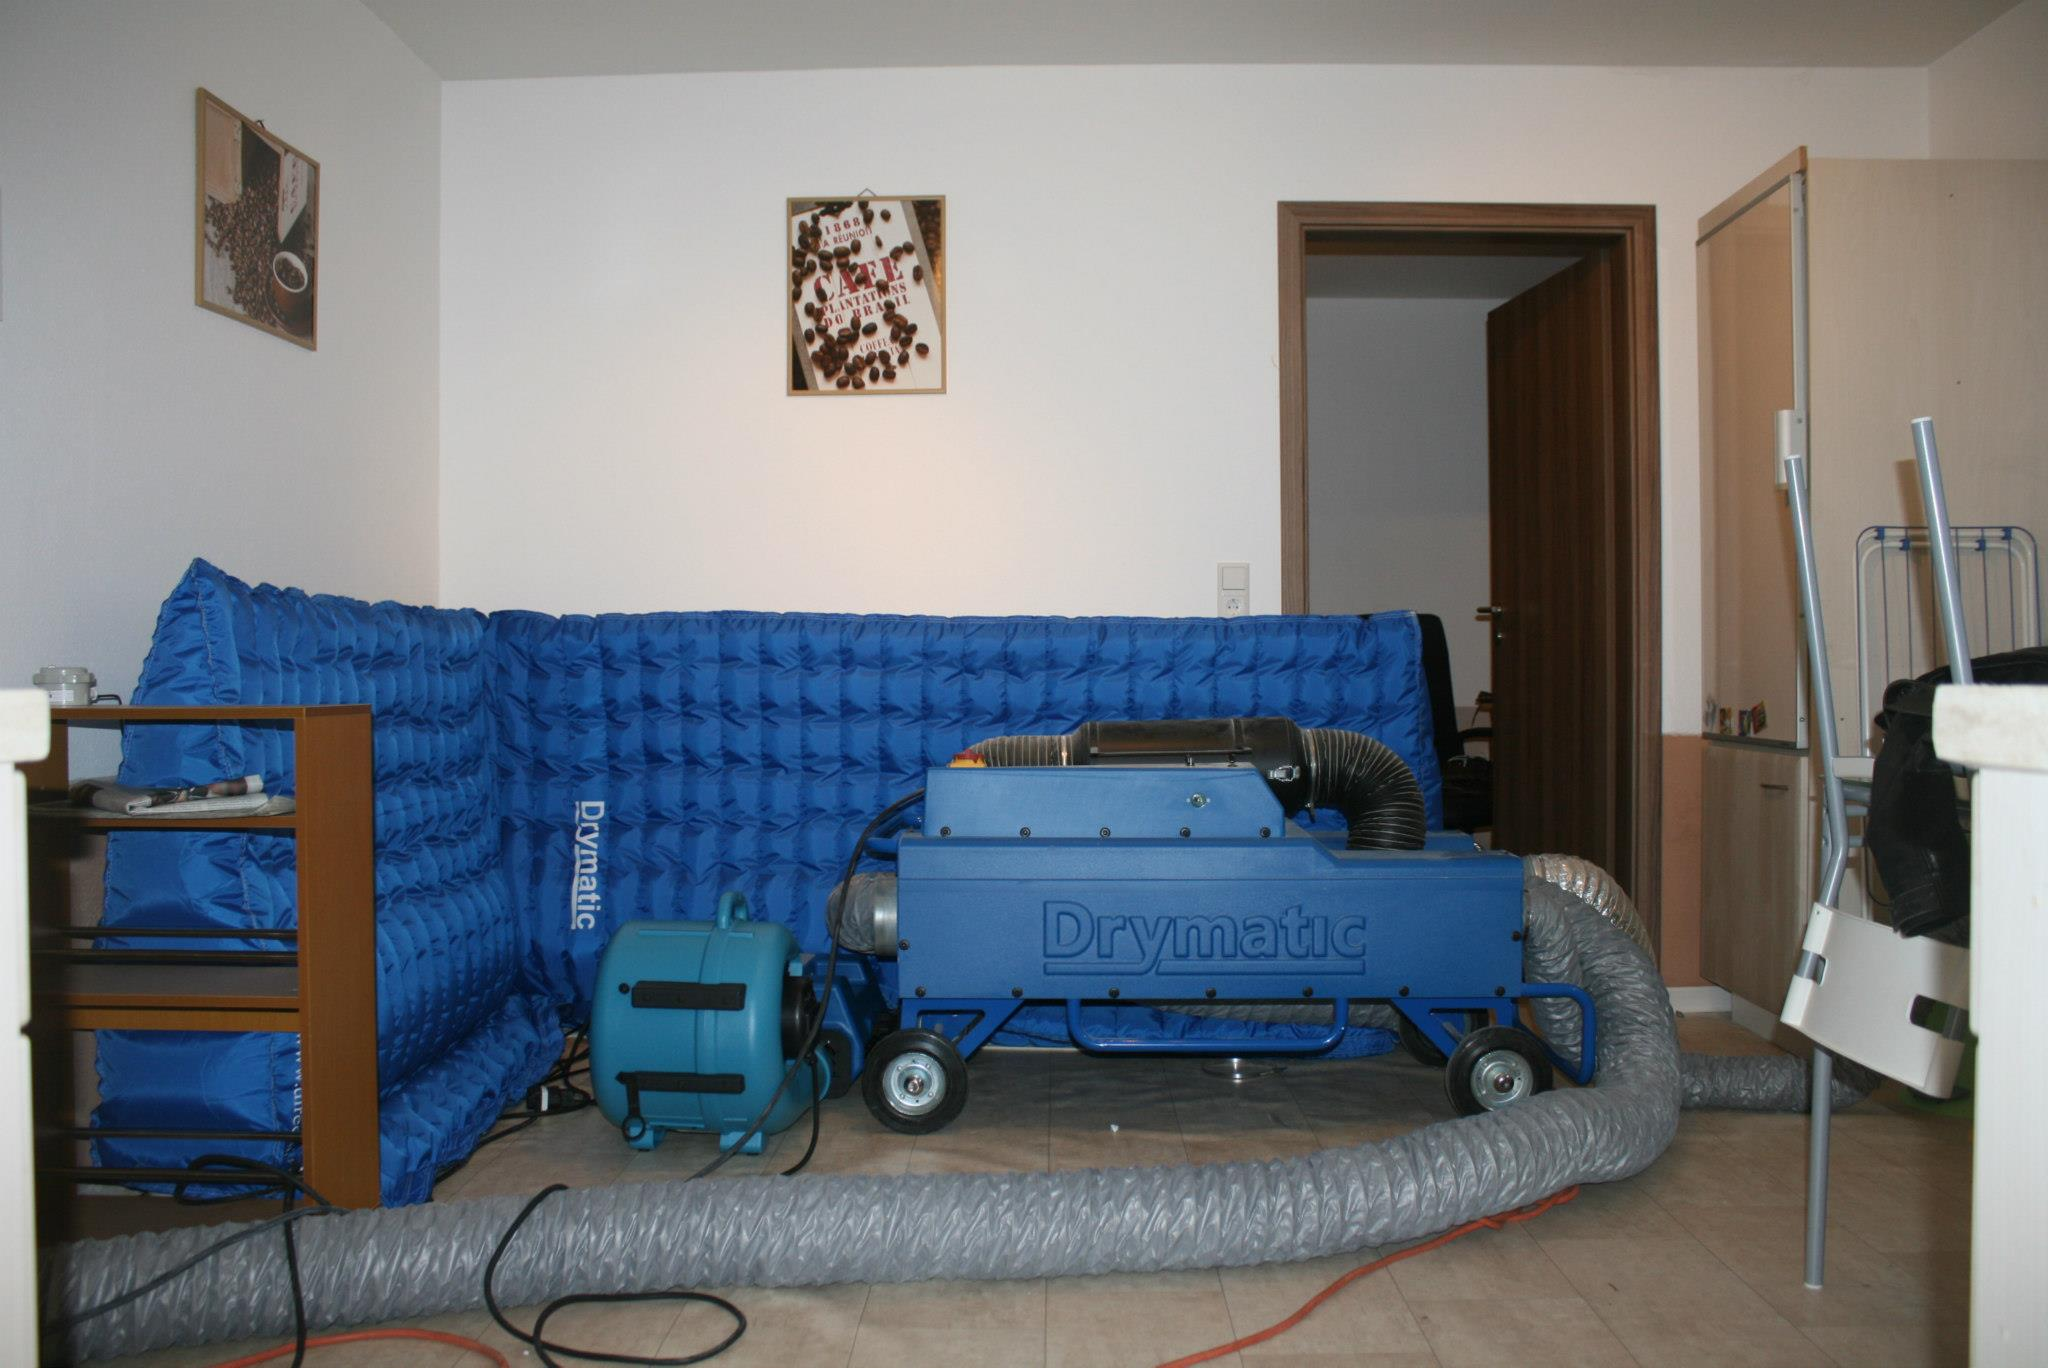 Drymatic II Drymatic System Heat drying 121.jpg